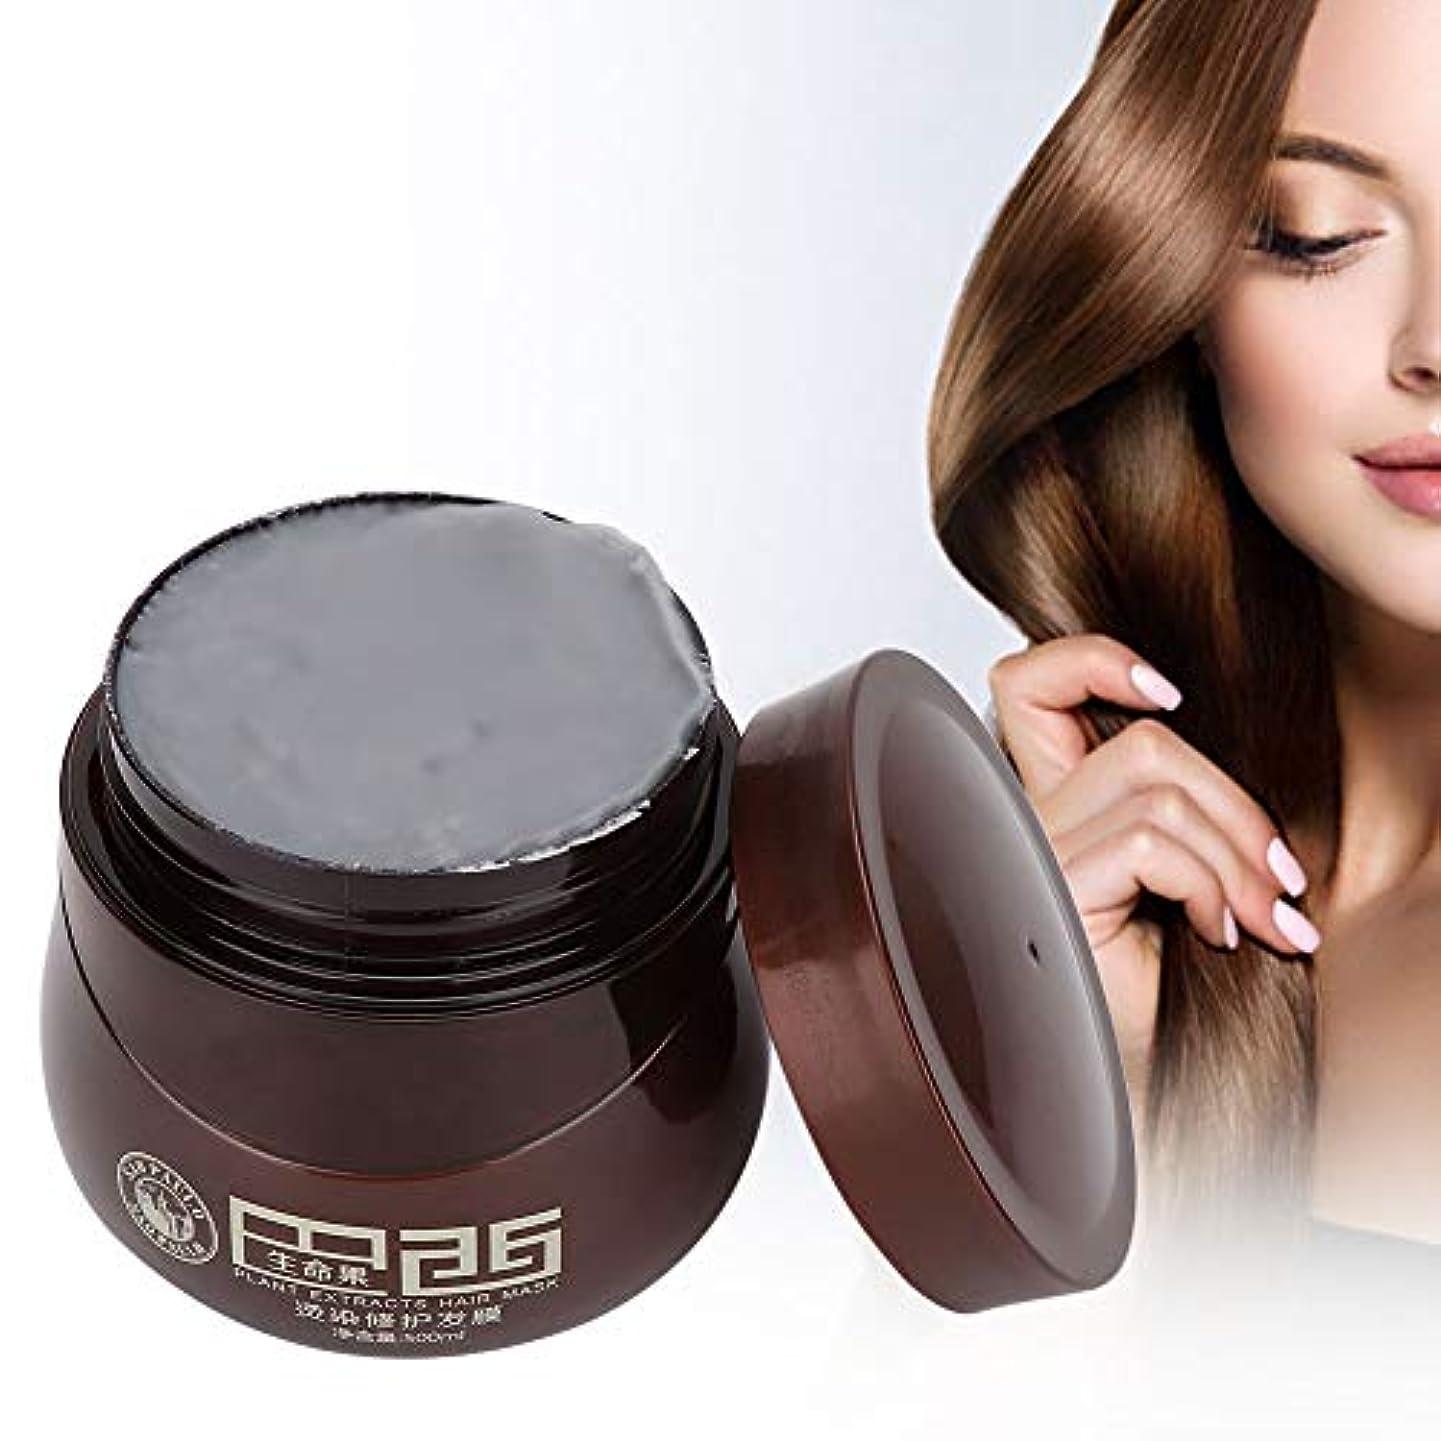 クマノミサスティーン原告ヘアマスク、染毛剤ダメージヘアナリッシングリペアマスクトリートメントコンディショナープロのヘアサロンや家庭での使用に最適500ml